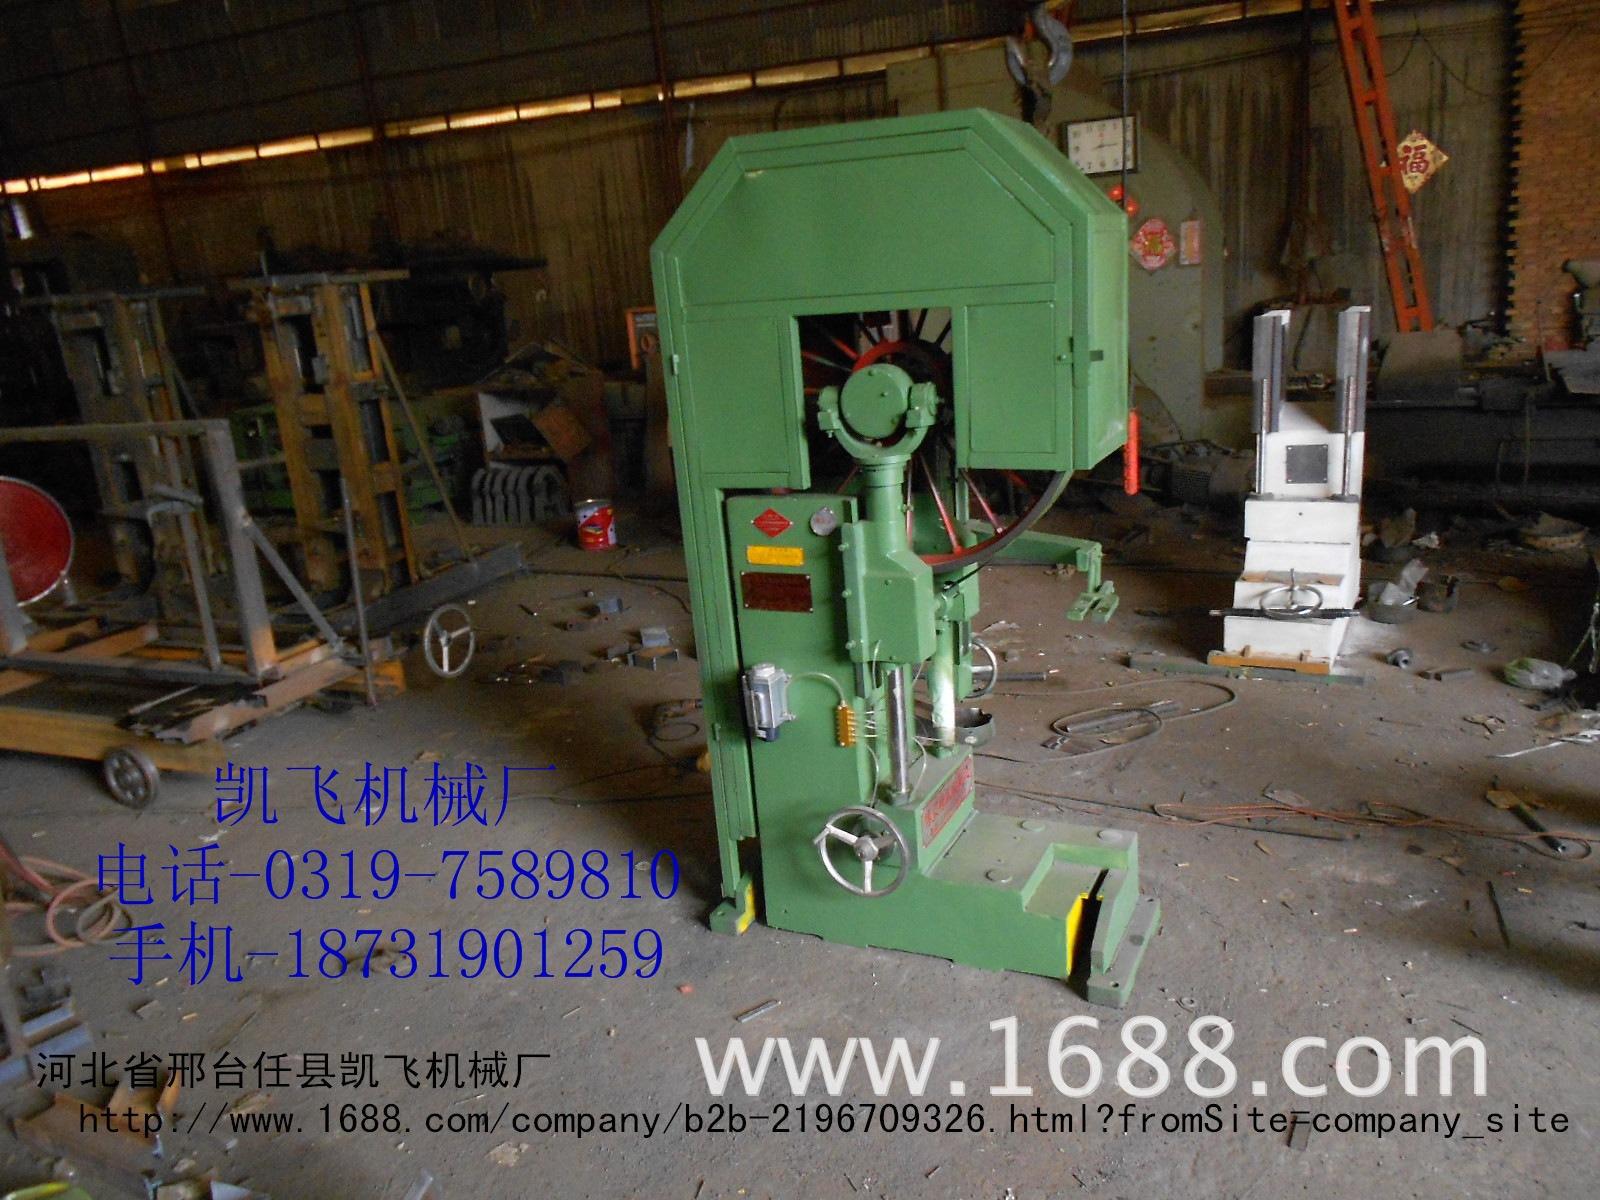 凯飞机械厂木工带锯机 带锯跑车 自动磨锯机 滚压机 以及配件